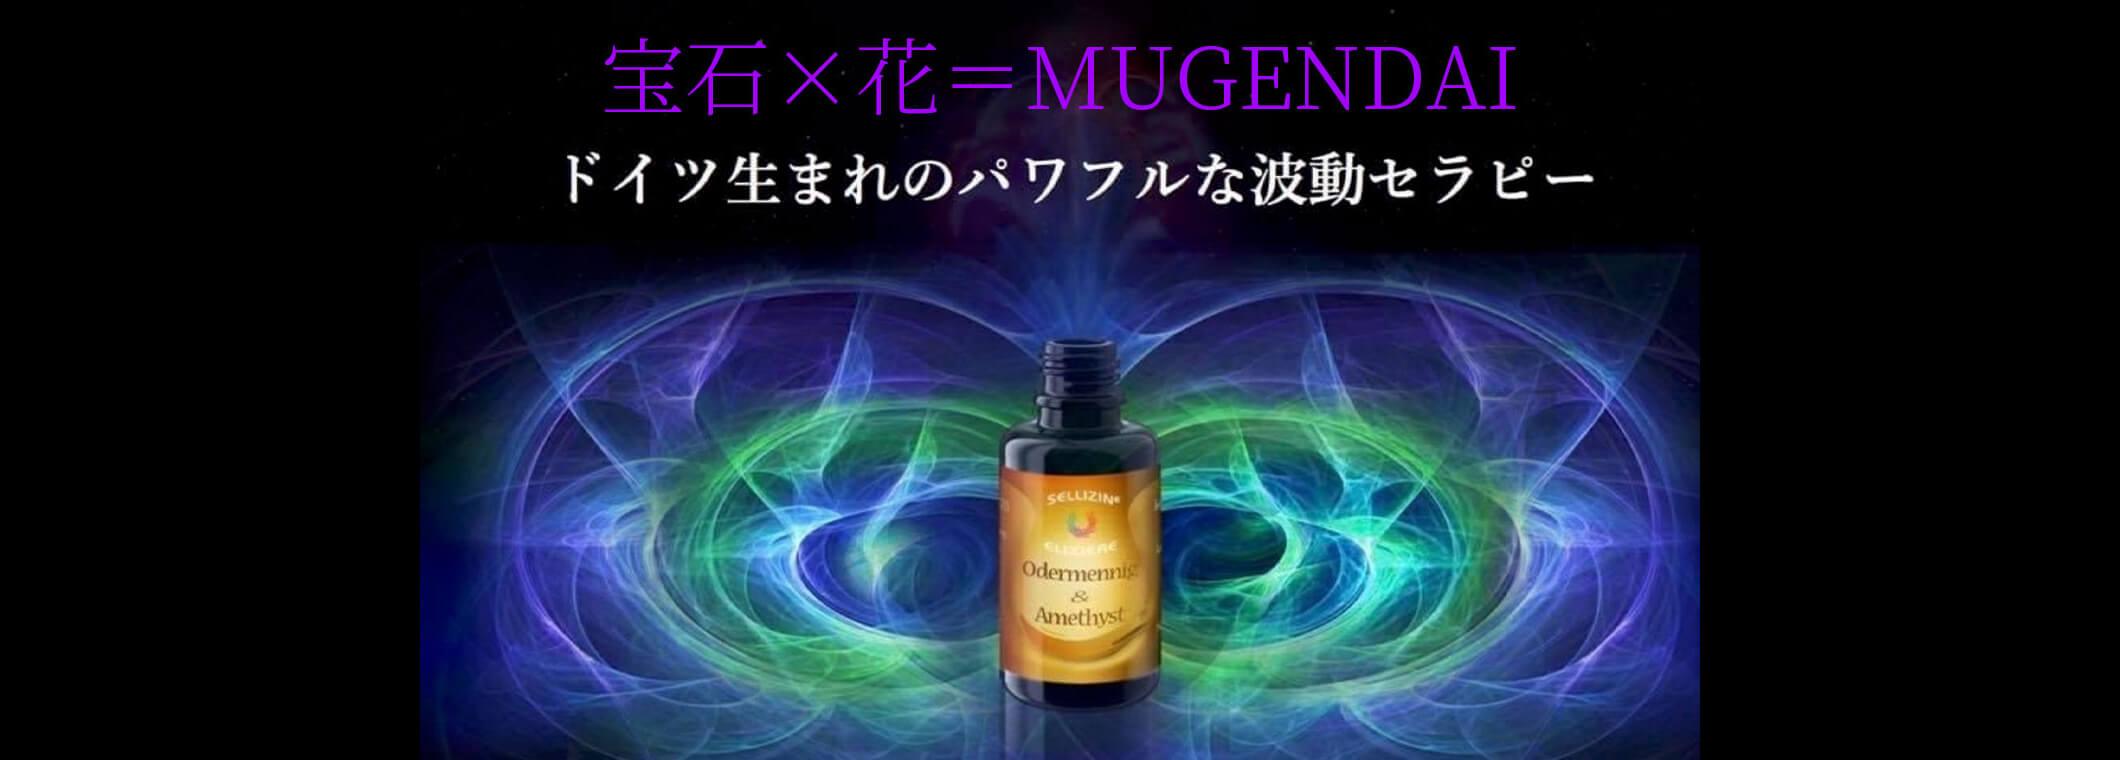 宝石×花=MEGUMI ドイツ生まれのパワフルな波動セラピー